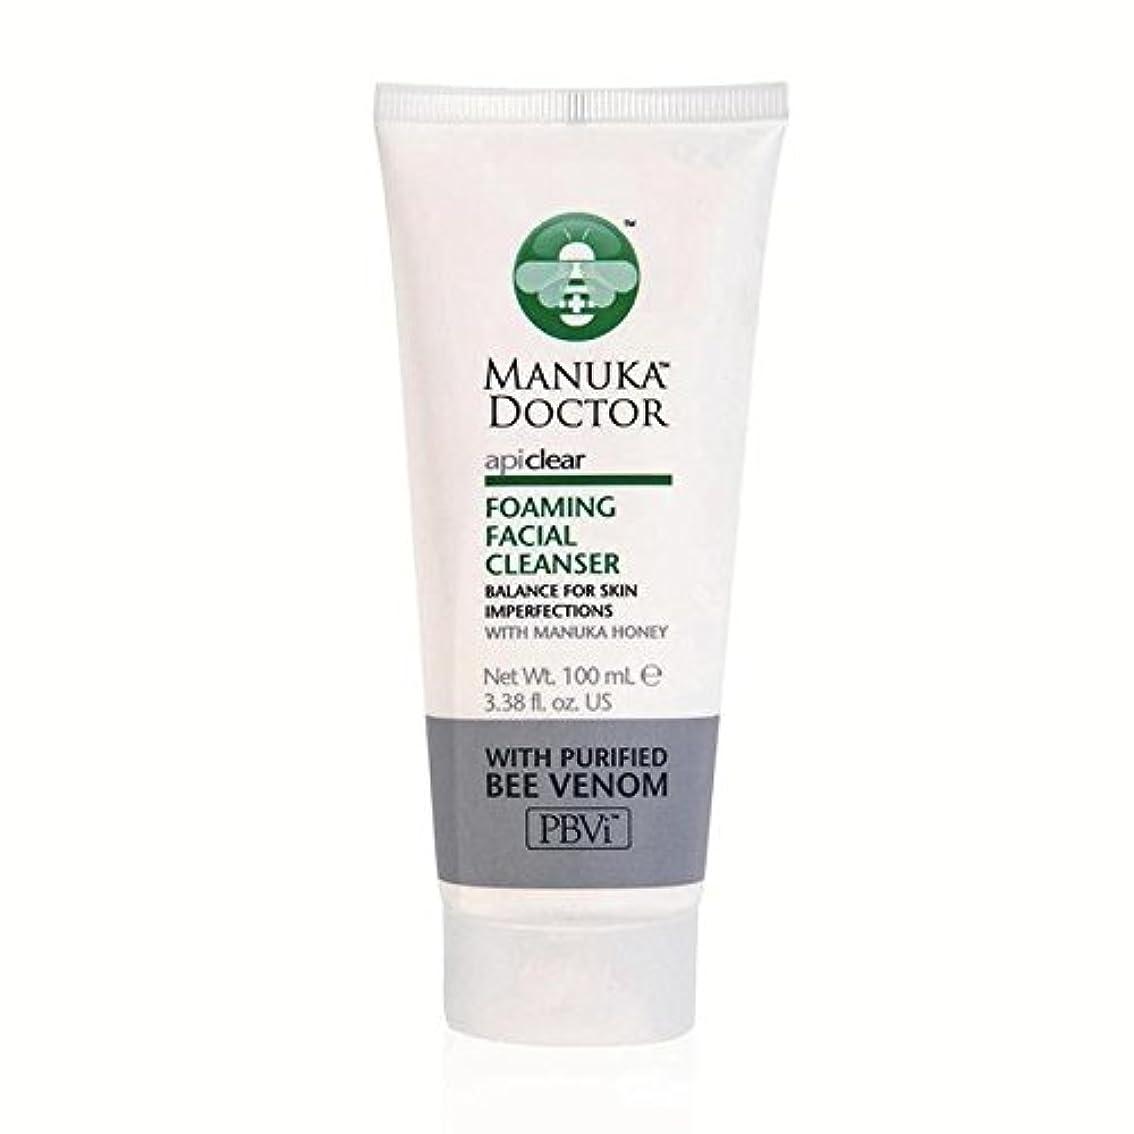 講師衣装すずめマヌカドクター明確な泡立ち洗顔料の100ミリリットル x4 - Manuka Doctor Api Clear Foaming Facial Cleanser 100ml (Pack of 4) [並行輸入品]